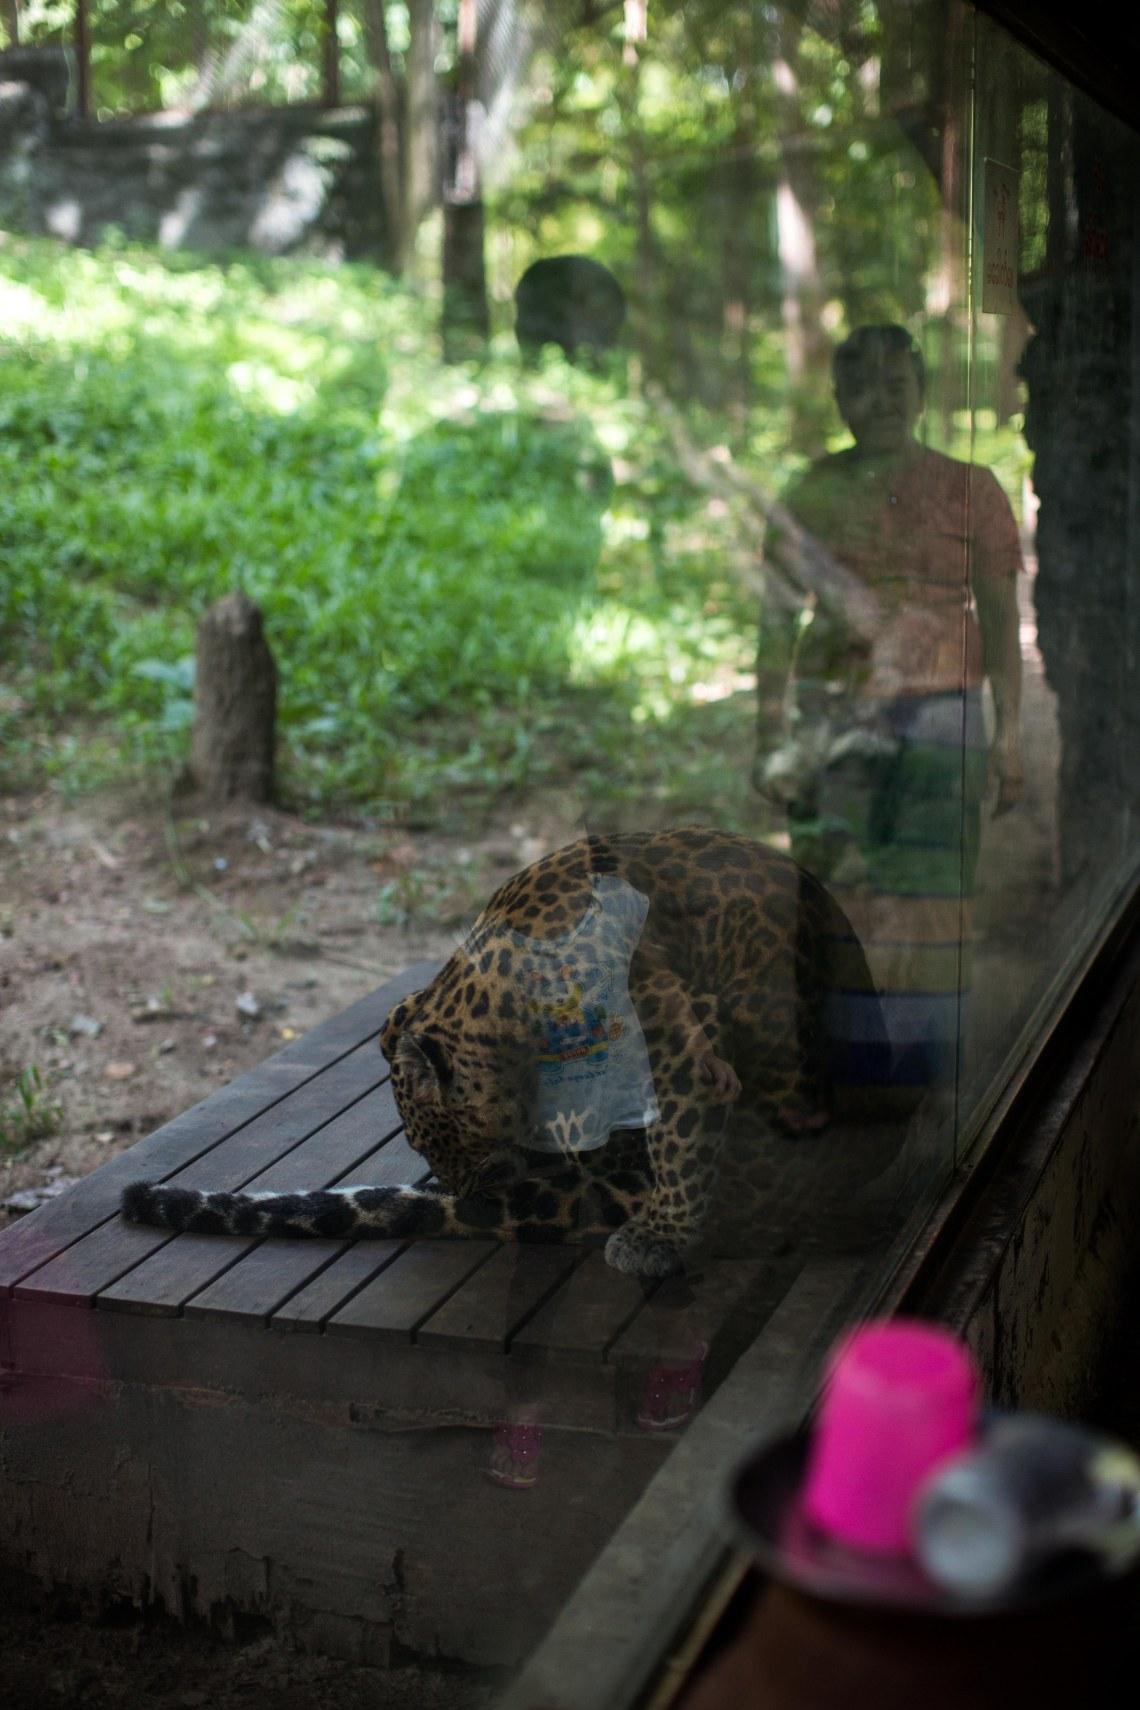 Léopard au zoo, Nay Pyi Taw